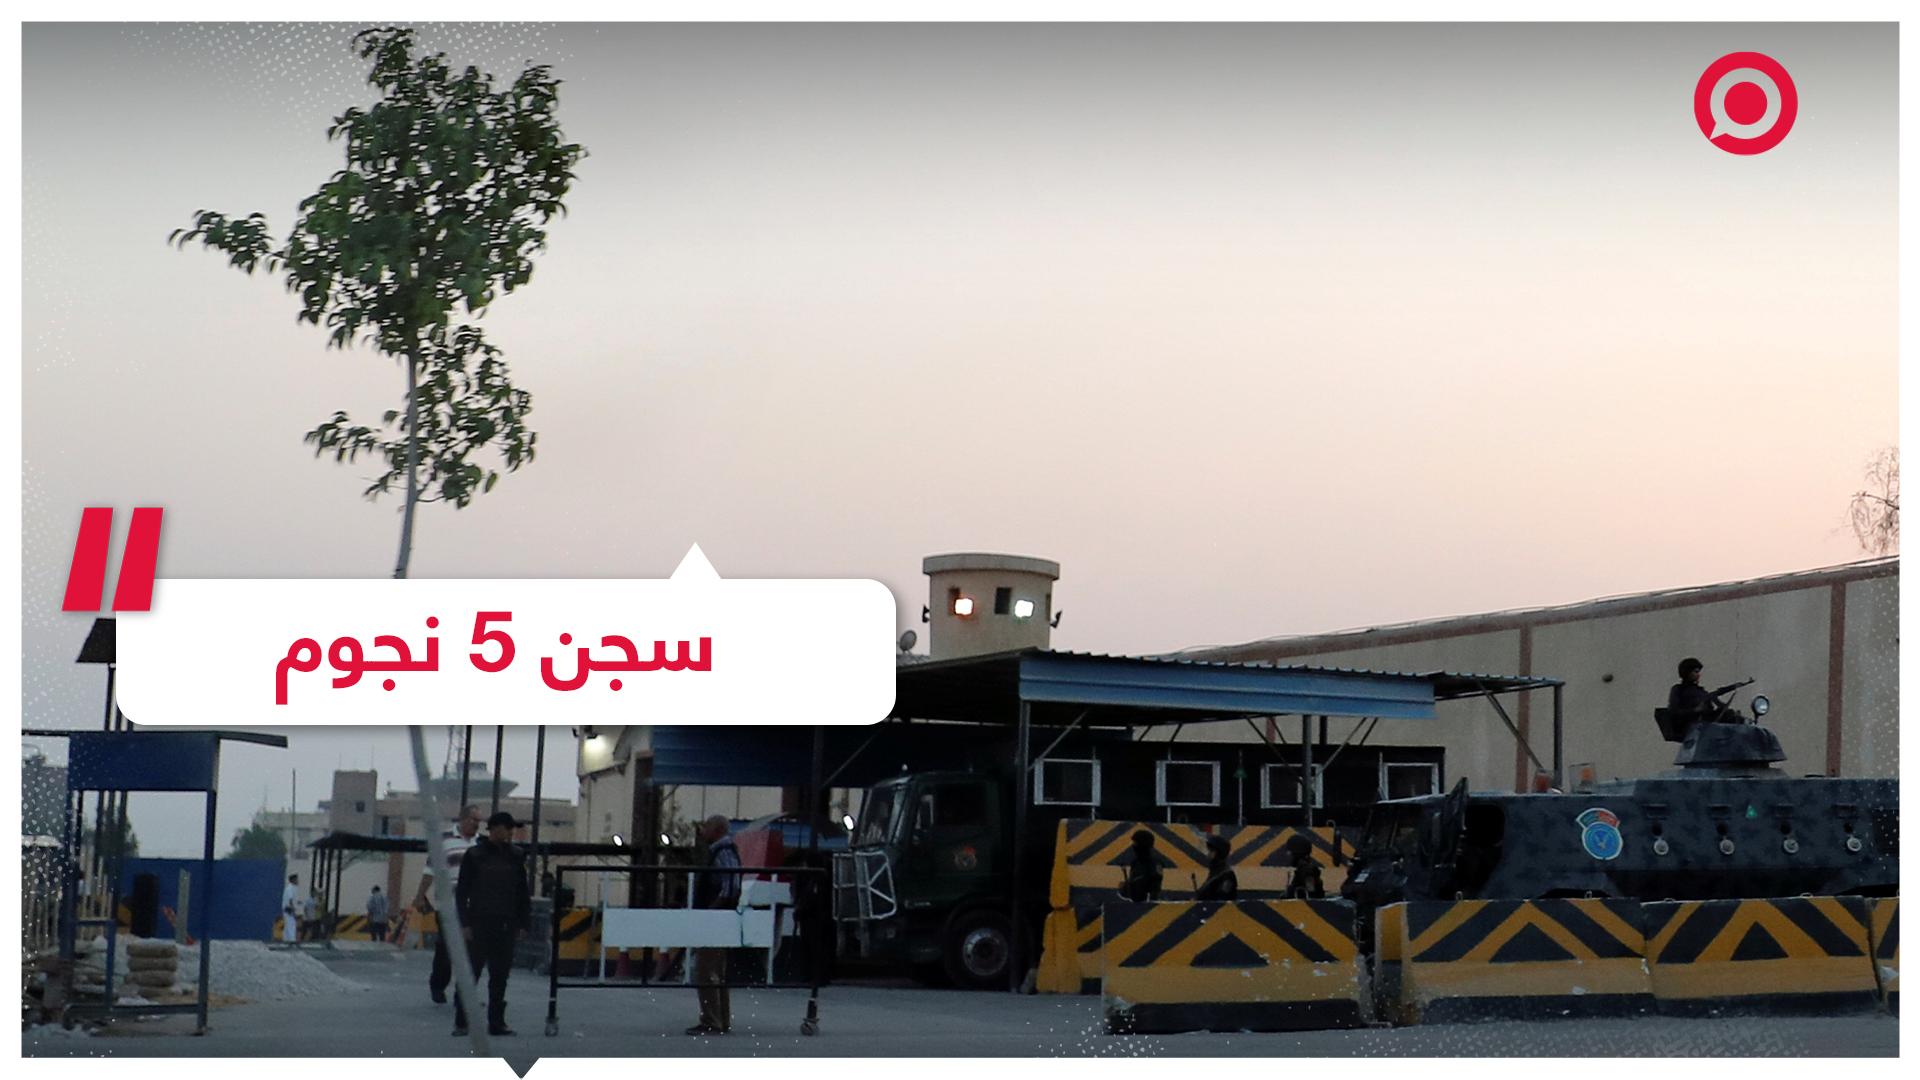 تصريحات وحقائق عن سجن 5 نجوم لأبناء حسني مبارك